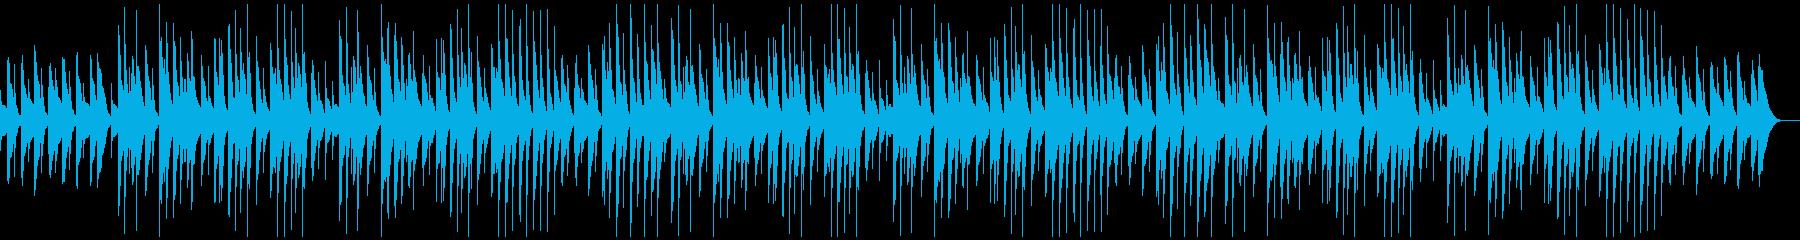 かわいい、木琴、YouTubeの再生済みの波形